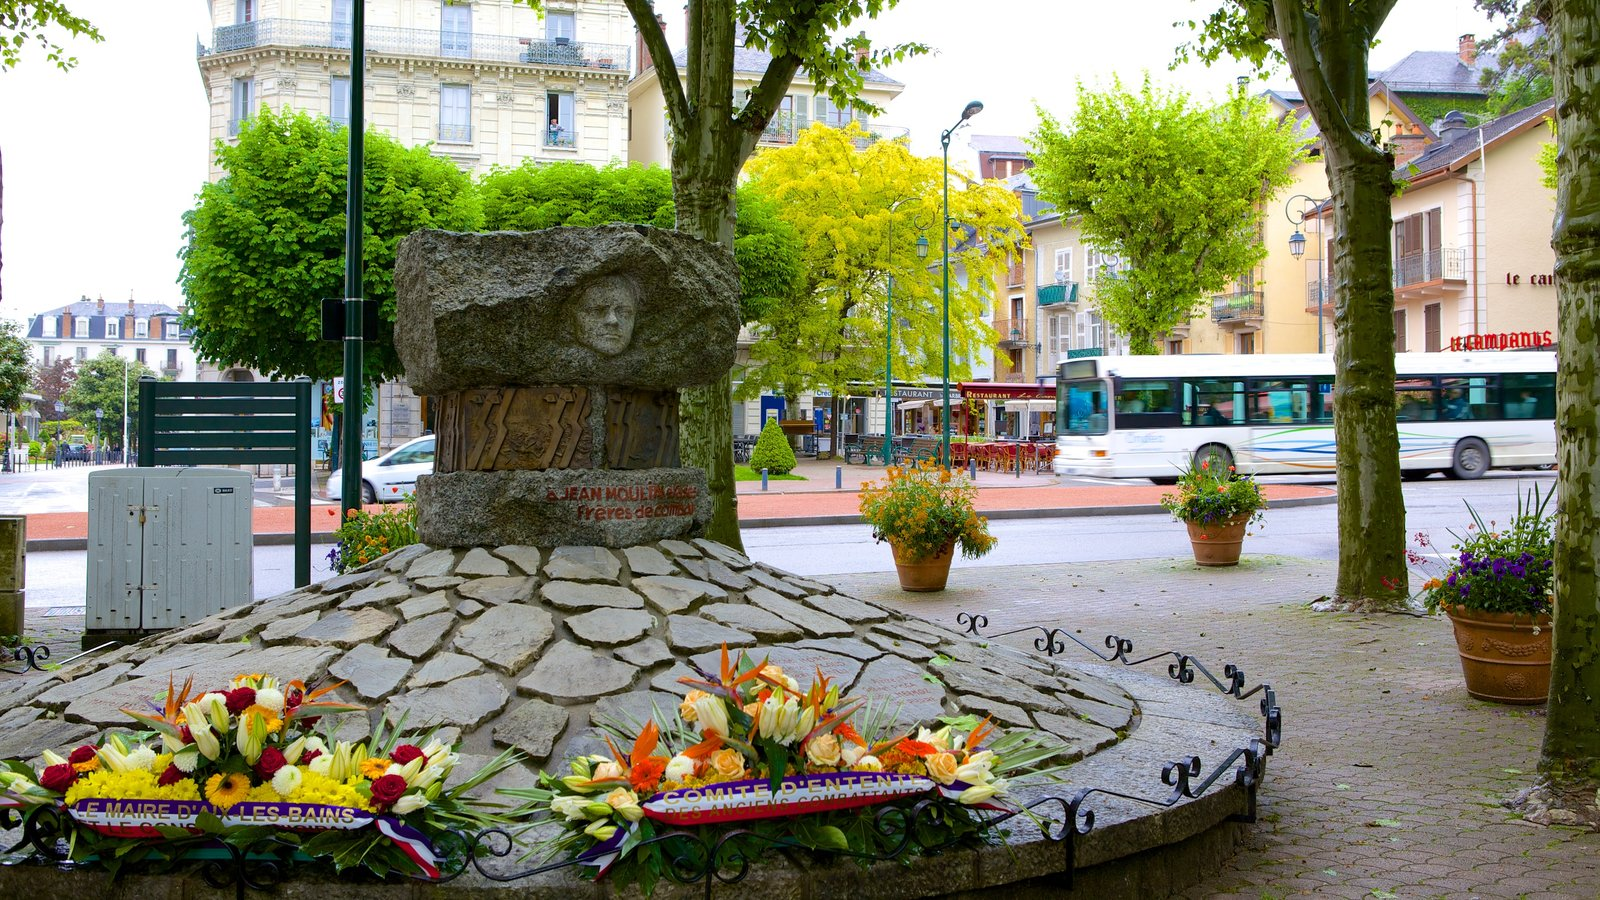 Aix-les-Bains mostrando flores e um monumento